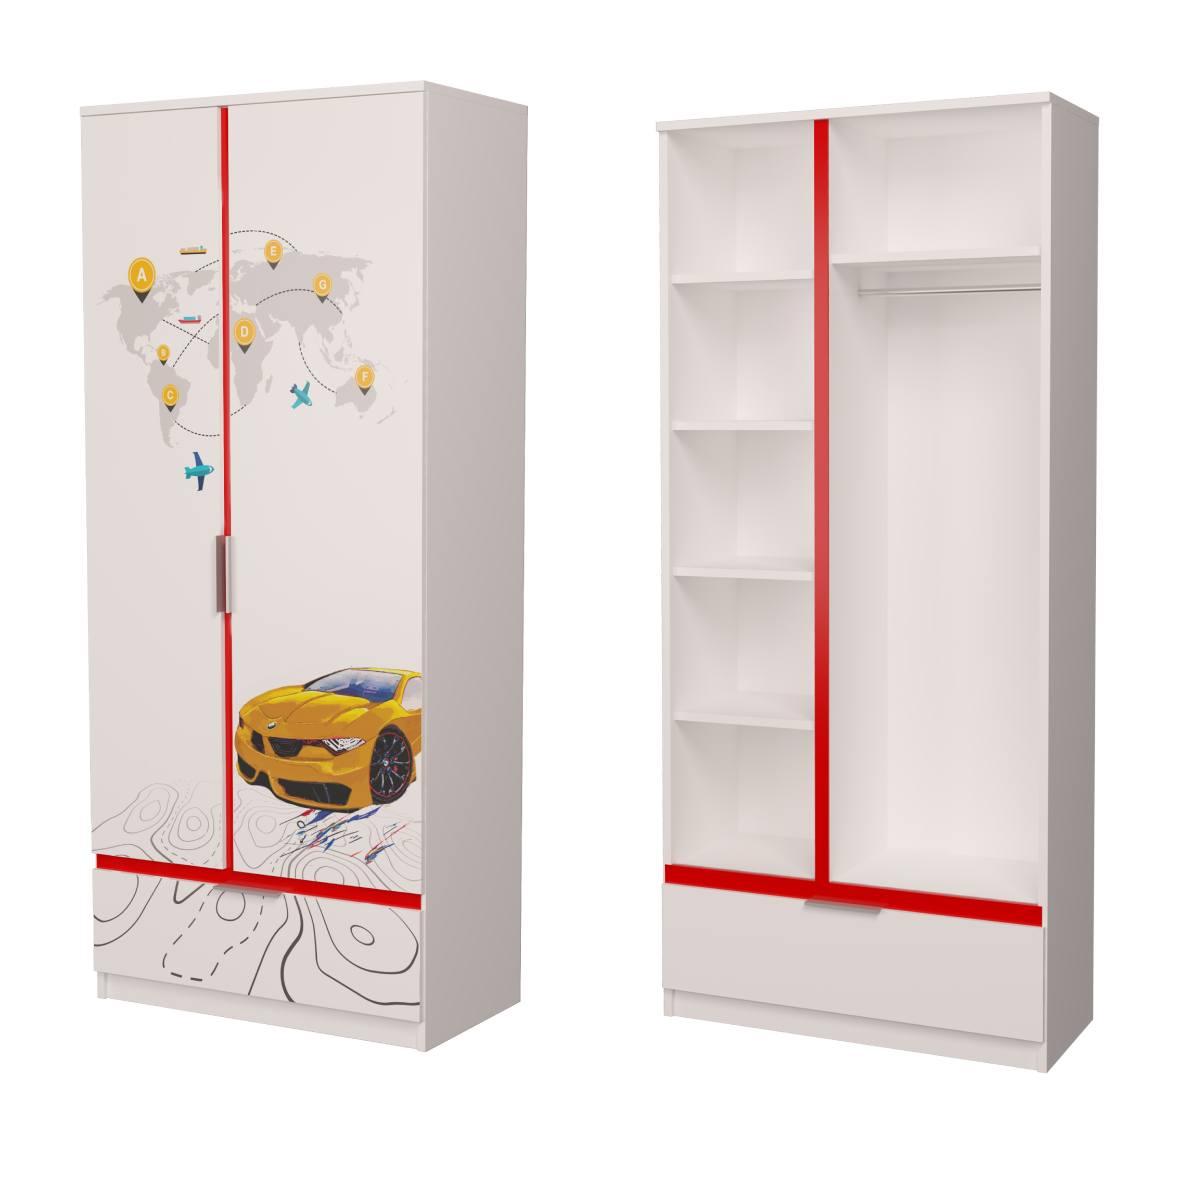 Детский шкаф бмв желтый с красным